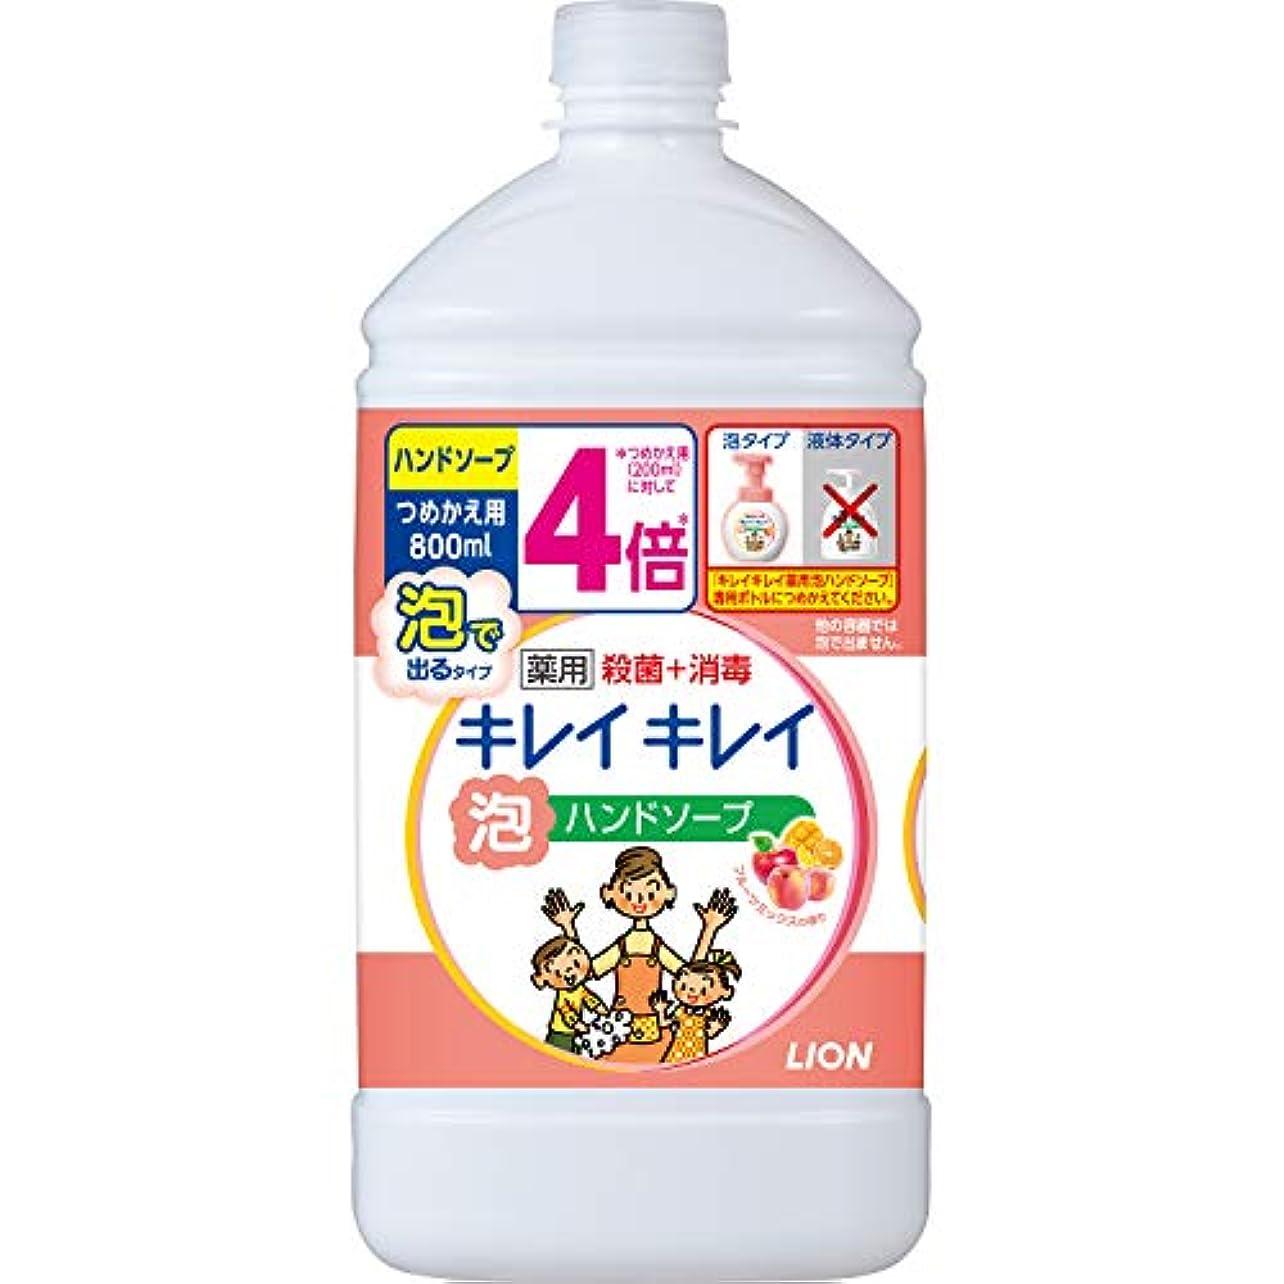 カートリッジ宙返りキャスト(医薬部外品)【大容量】キレイキレイ 薬用 泡ハンドソープ フルーツミックスの香り 詰め替え用 800ml